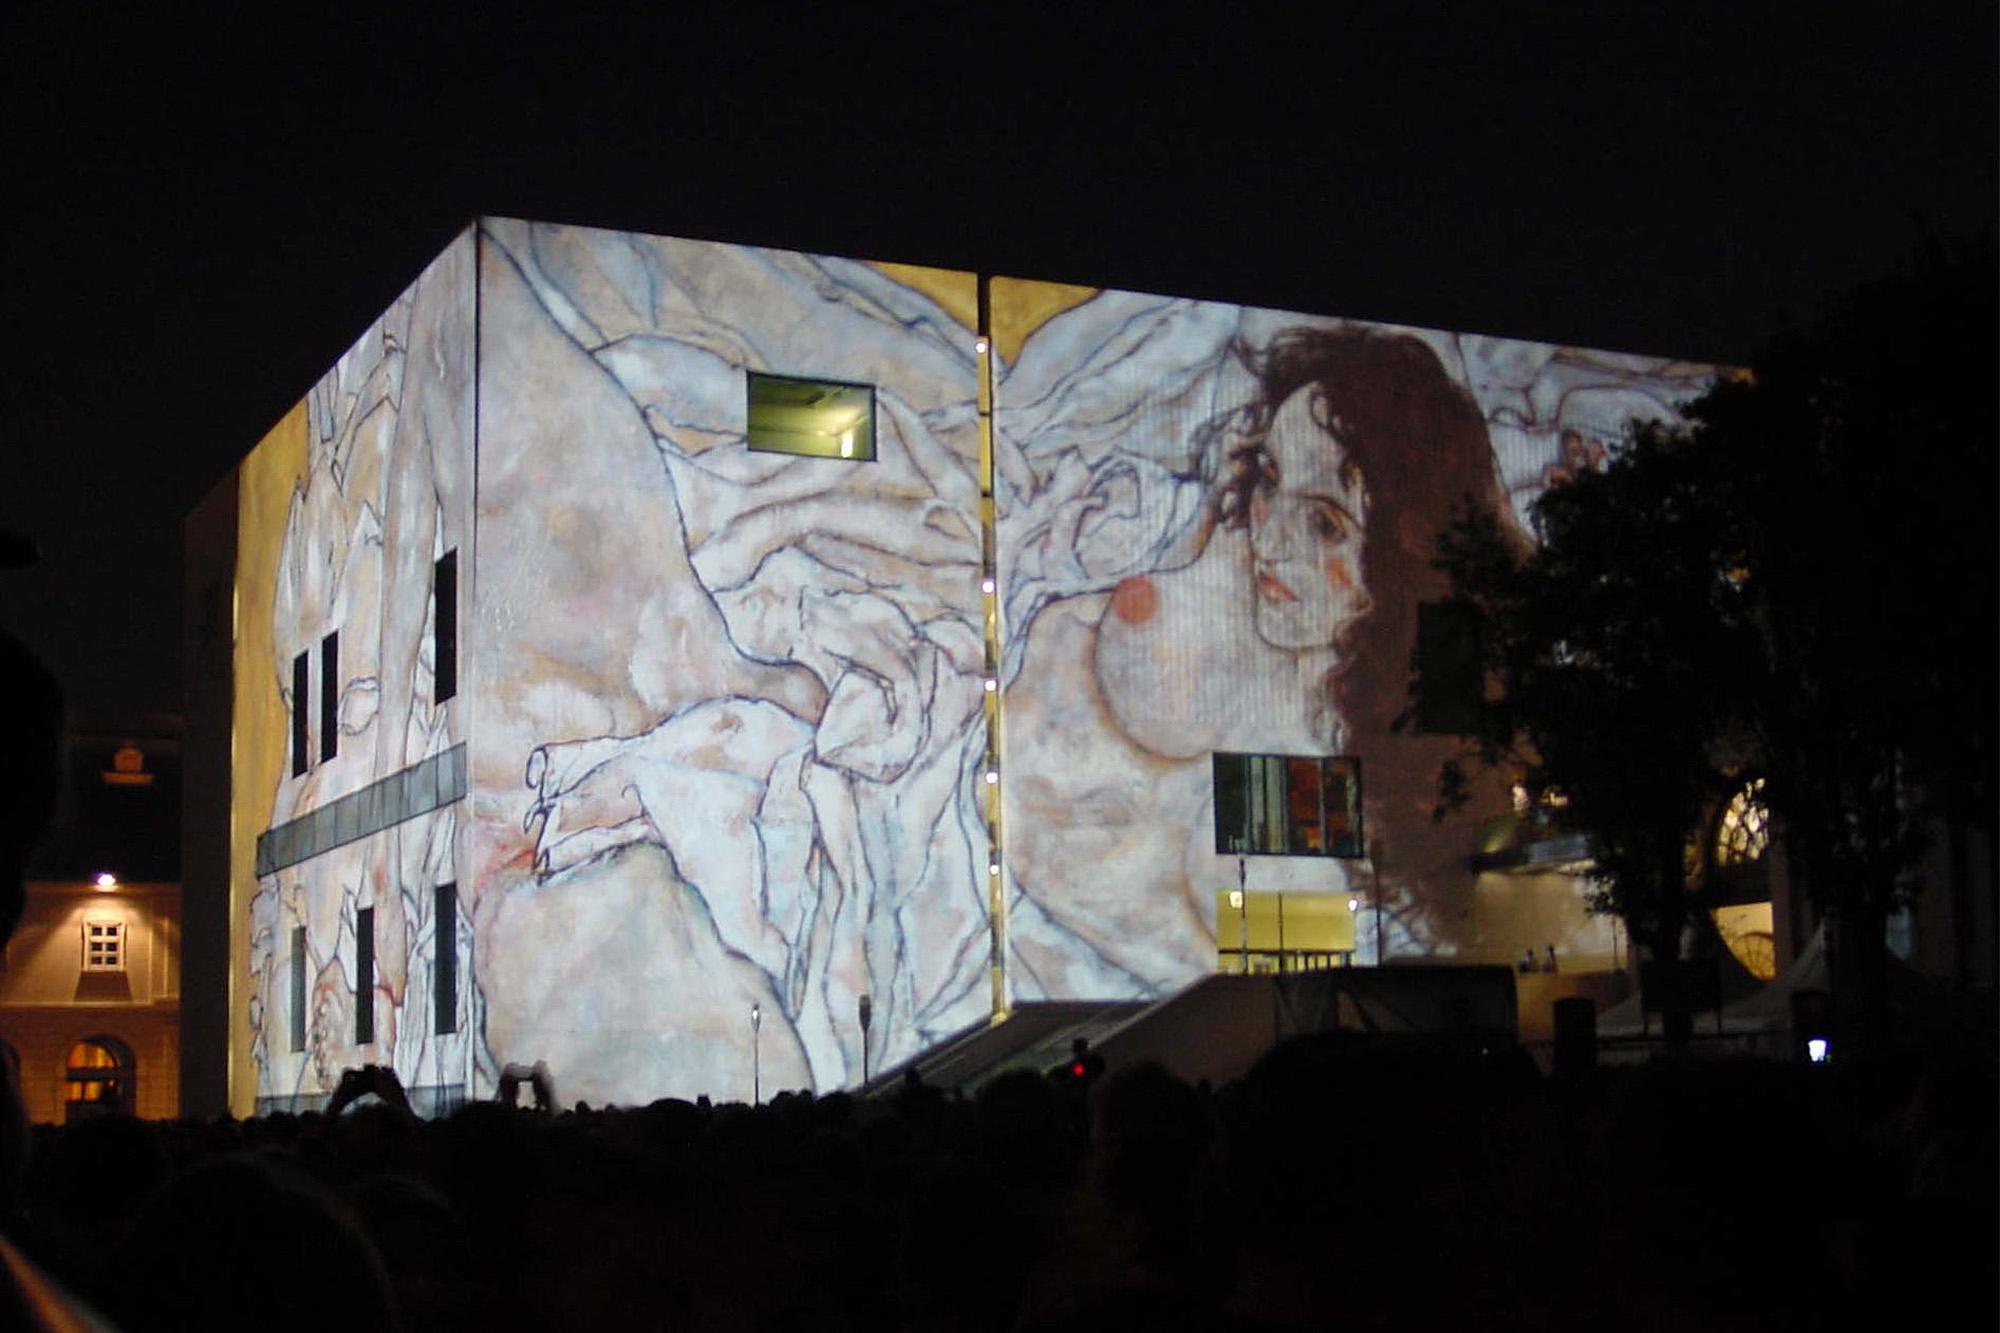 Museumsquartier_Wien_Eroeffnung_2001_02.jpg